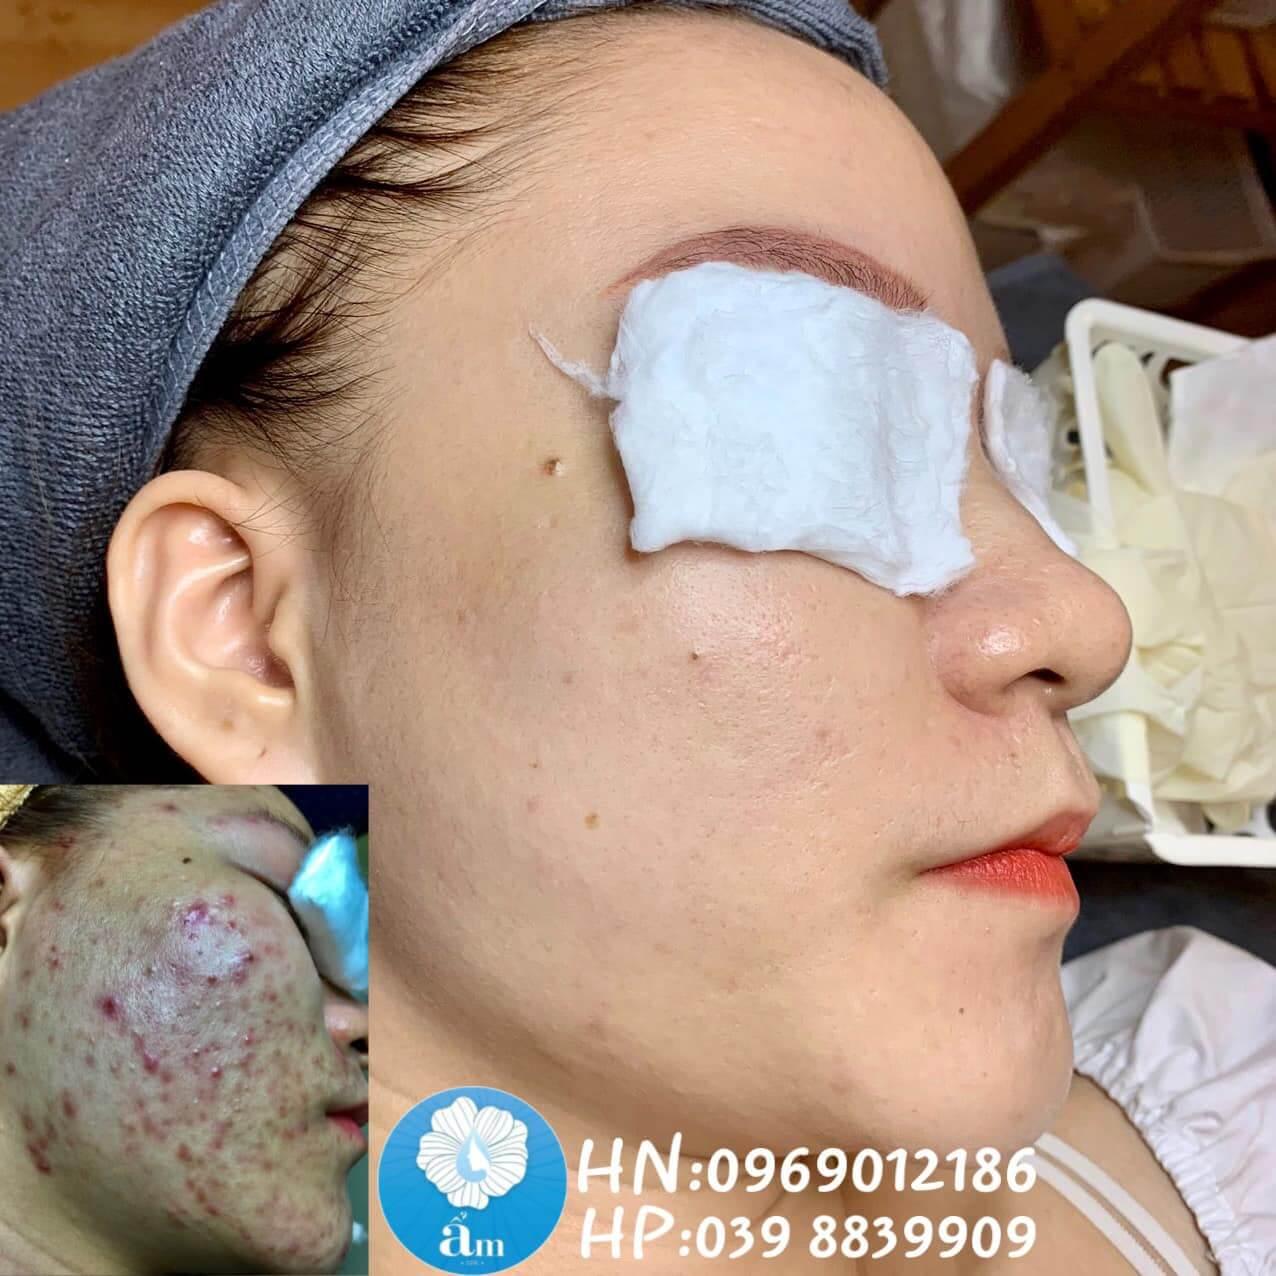 Ẩm Clinic & Spa Hải Phòng